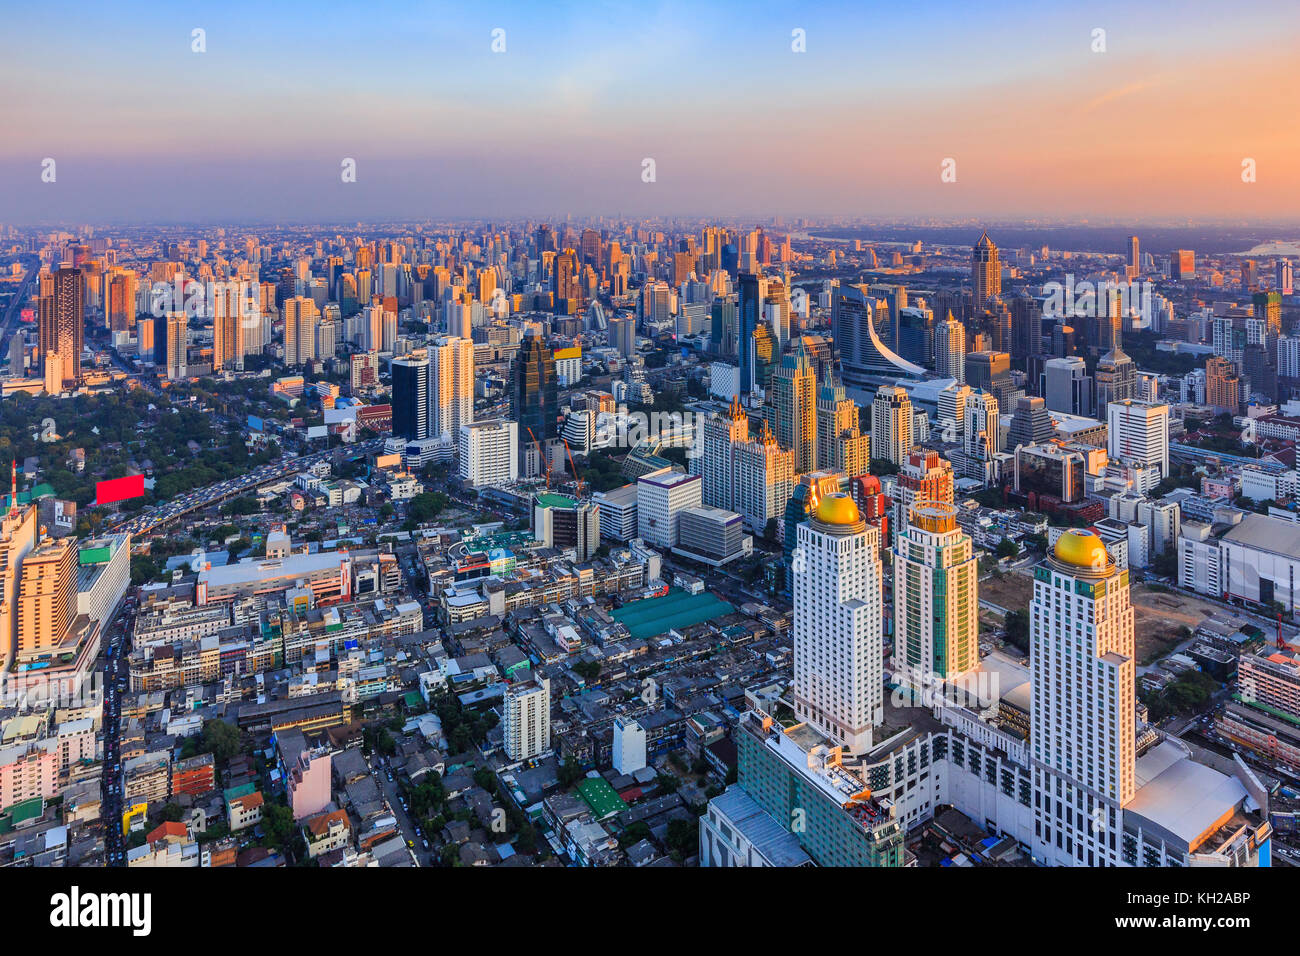 Bangkok, Thailand. The city skyline at sunset. - Stock Image